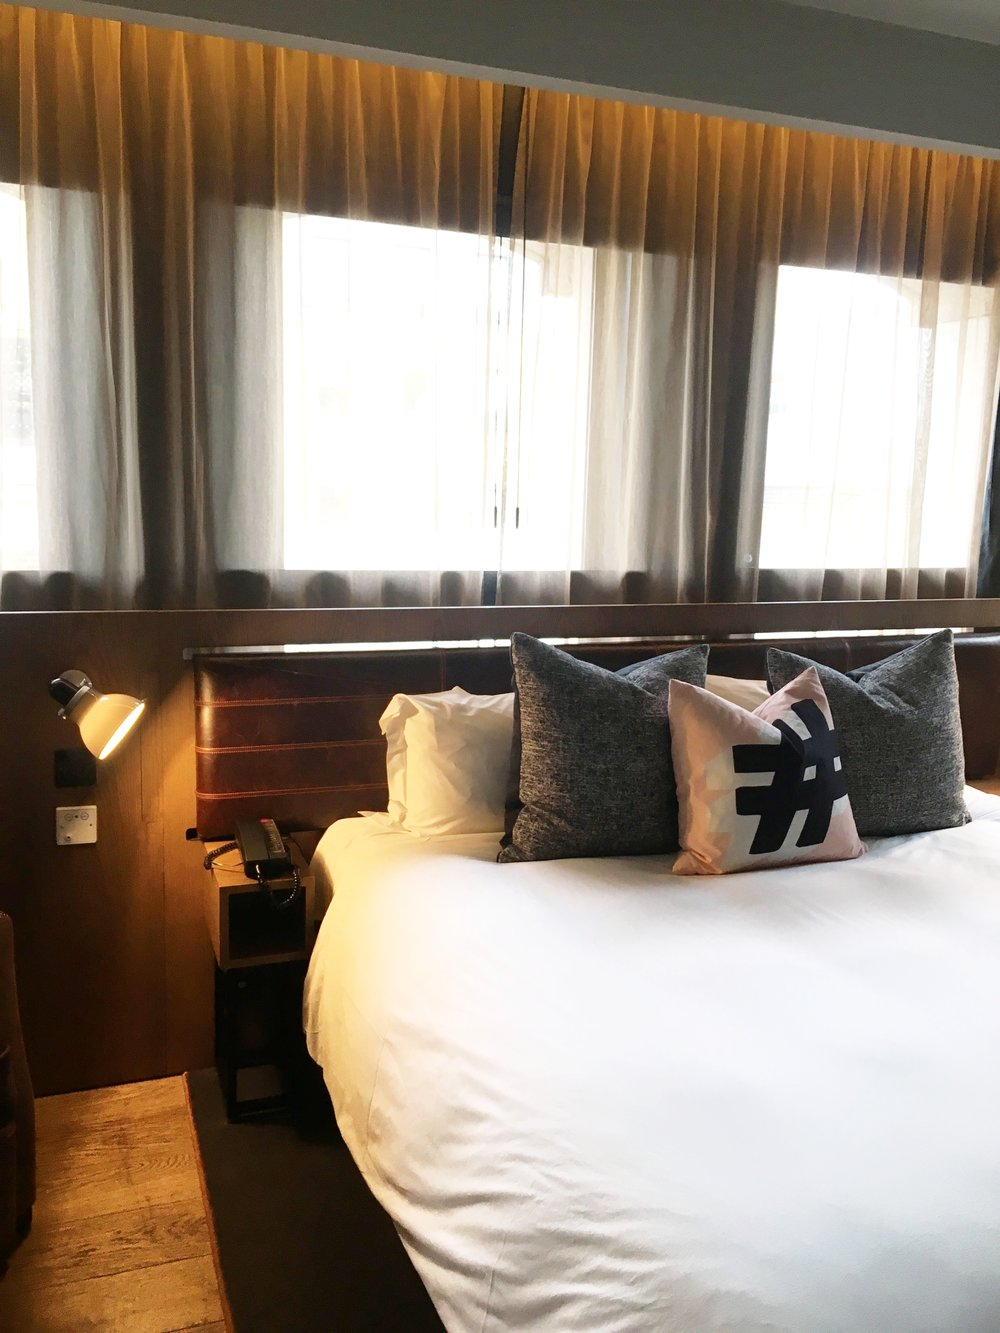 Hoxton hotel holborn